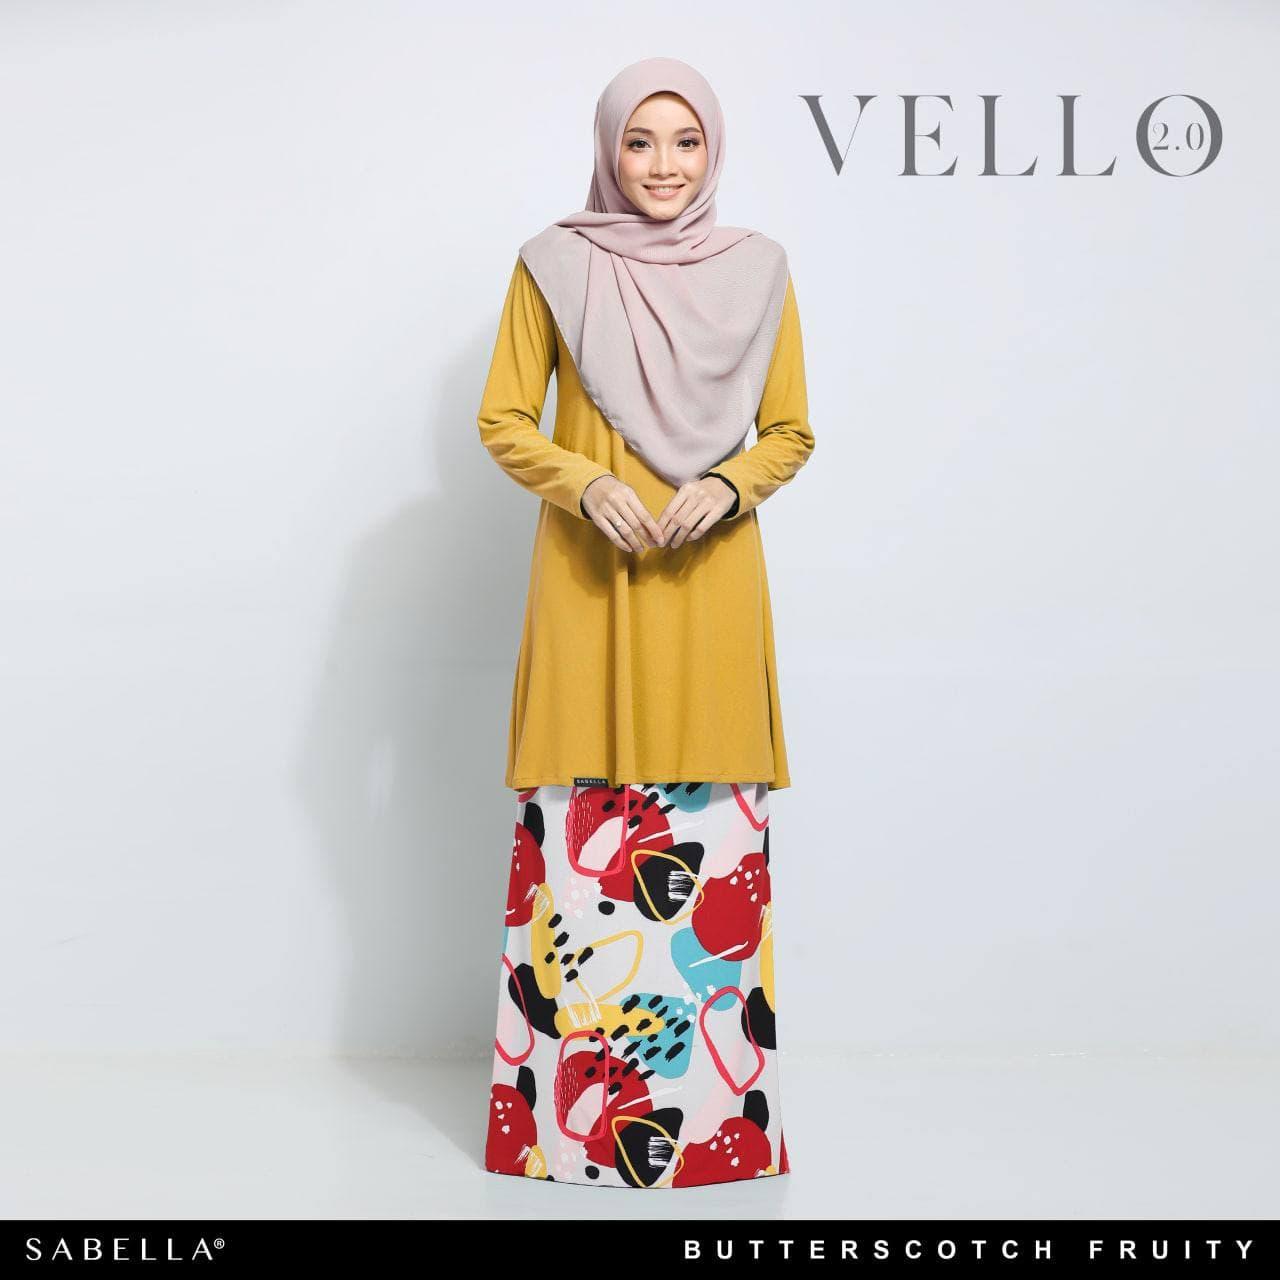 Vello 2.0 Butterscotch Fruity